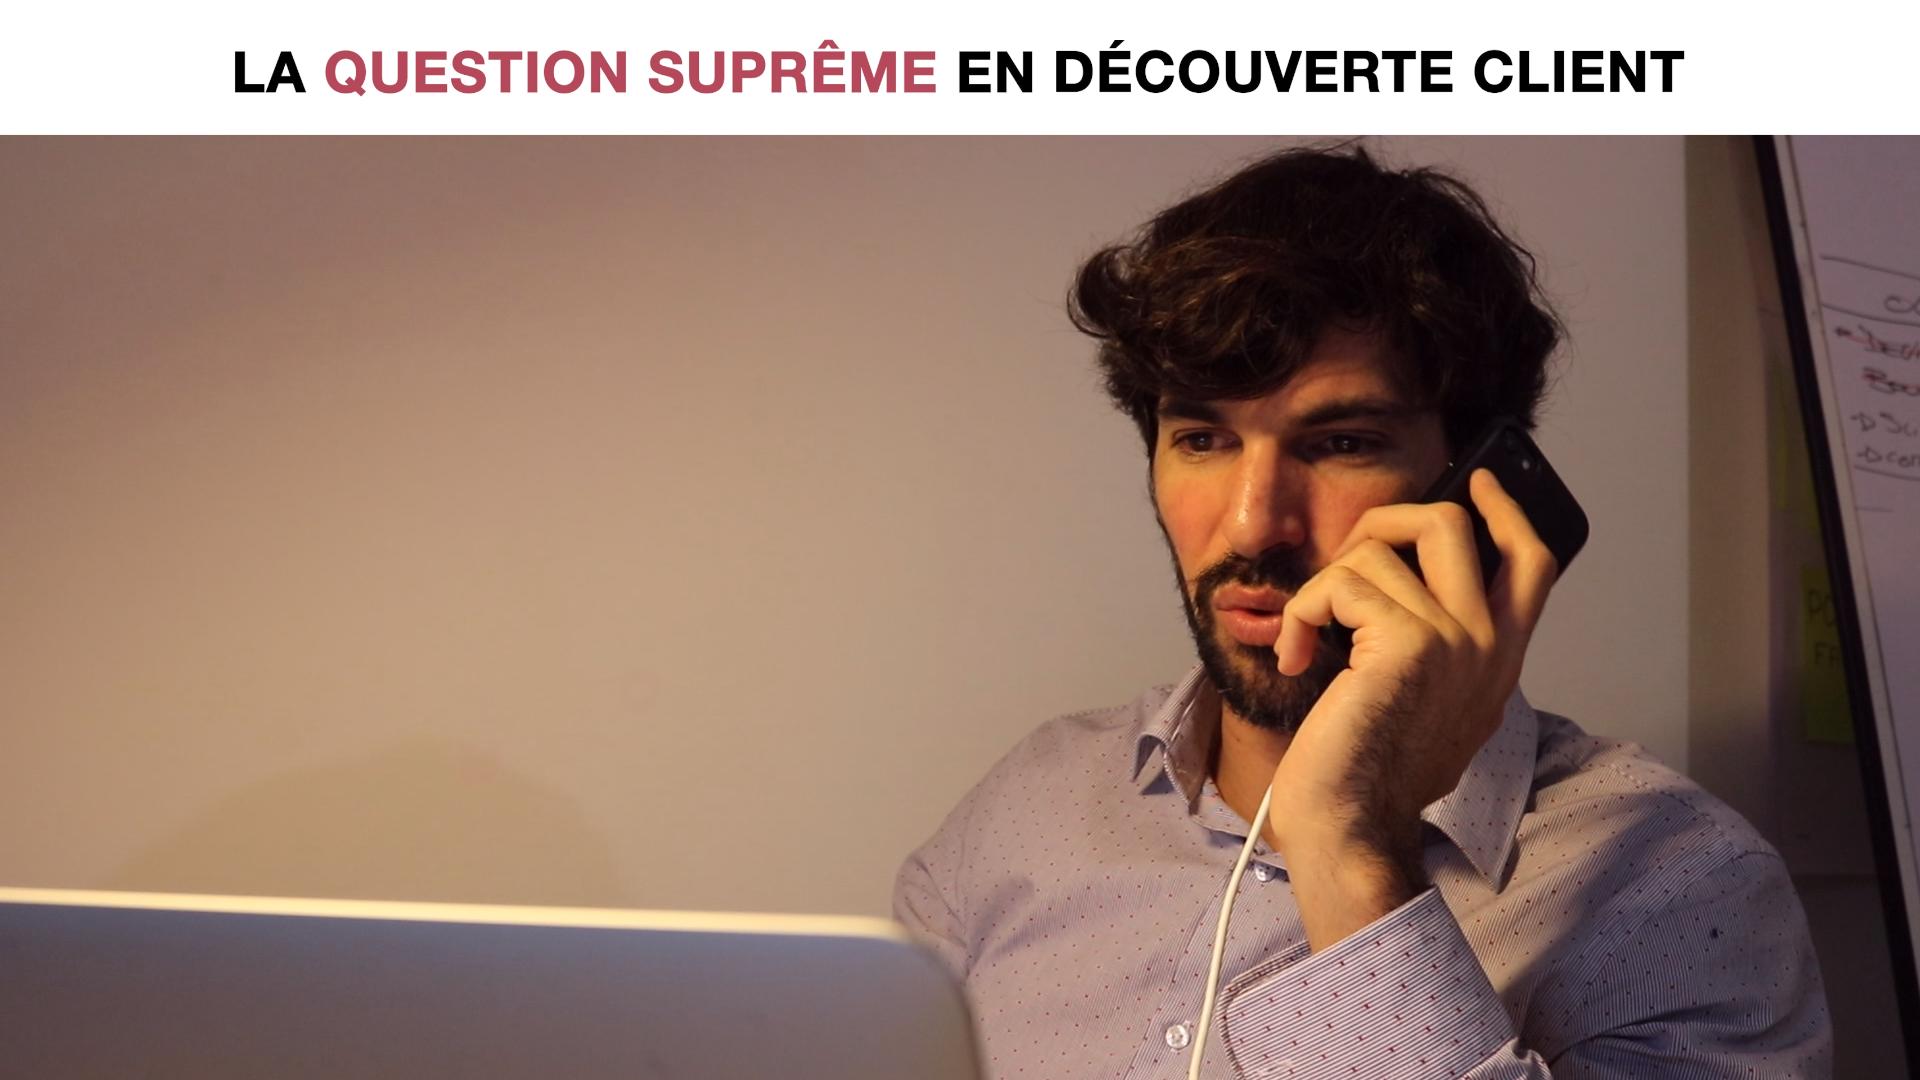 La question suprême en découverte client